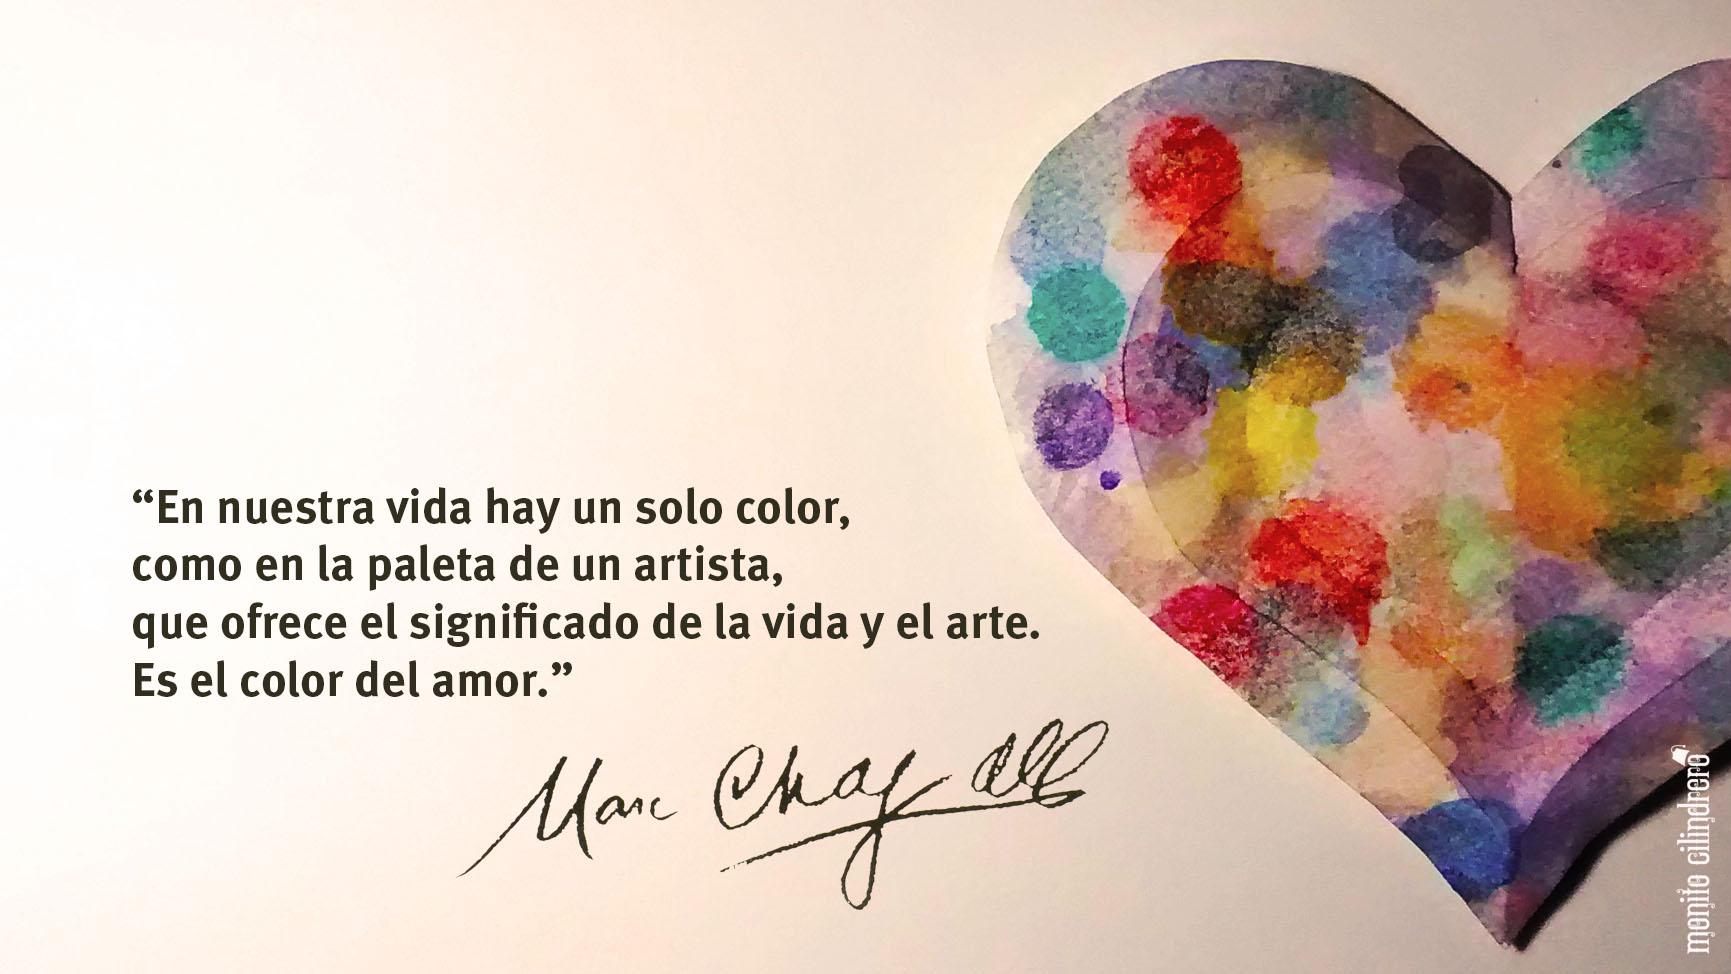 Chagall Monito Cilindrero